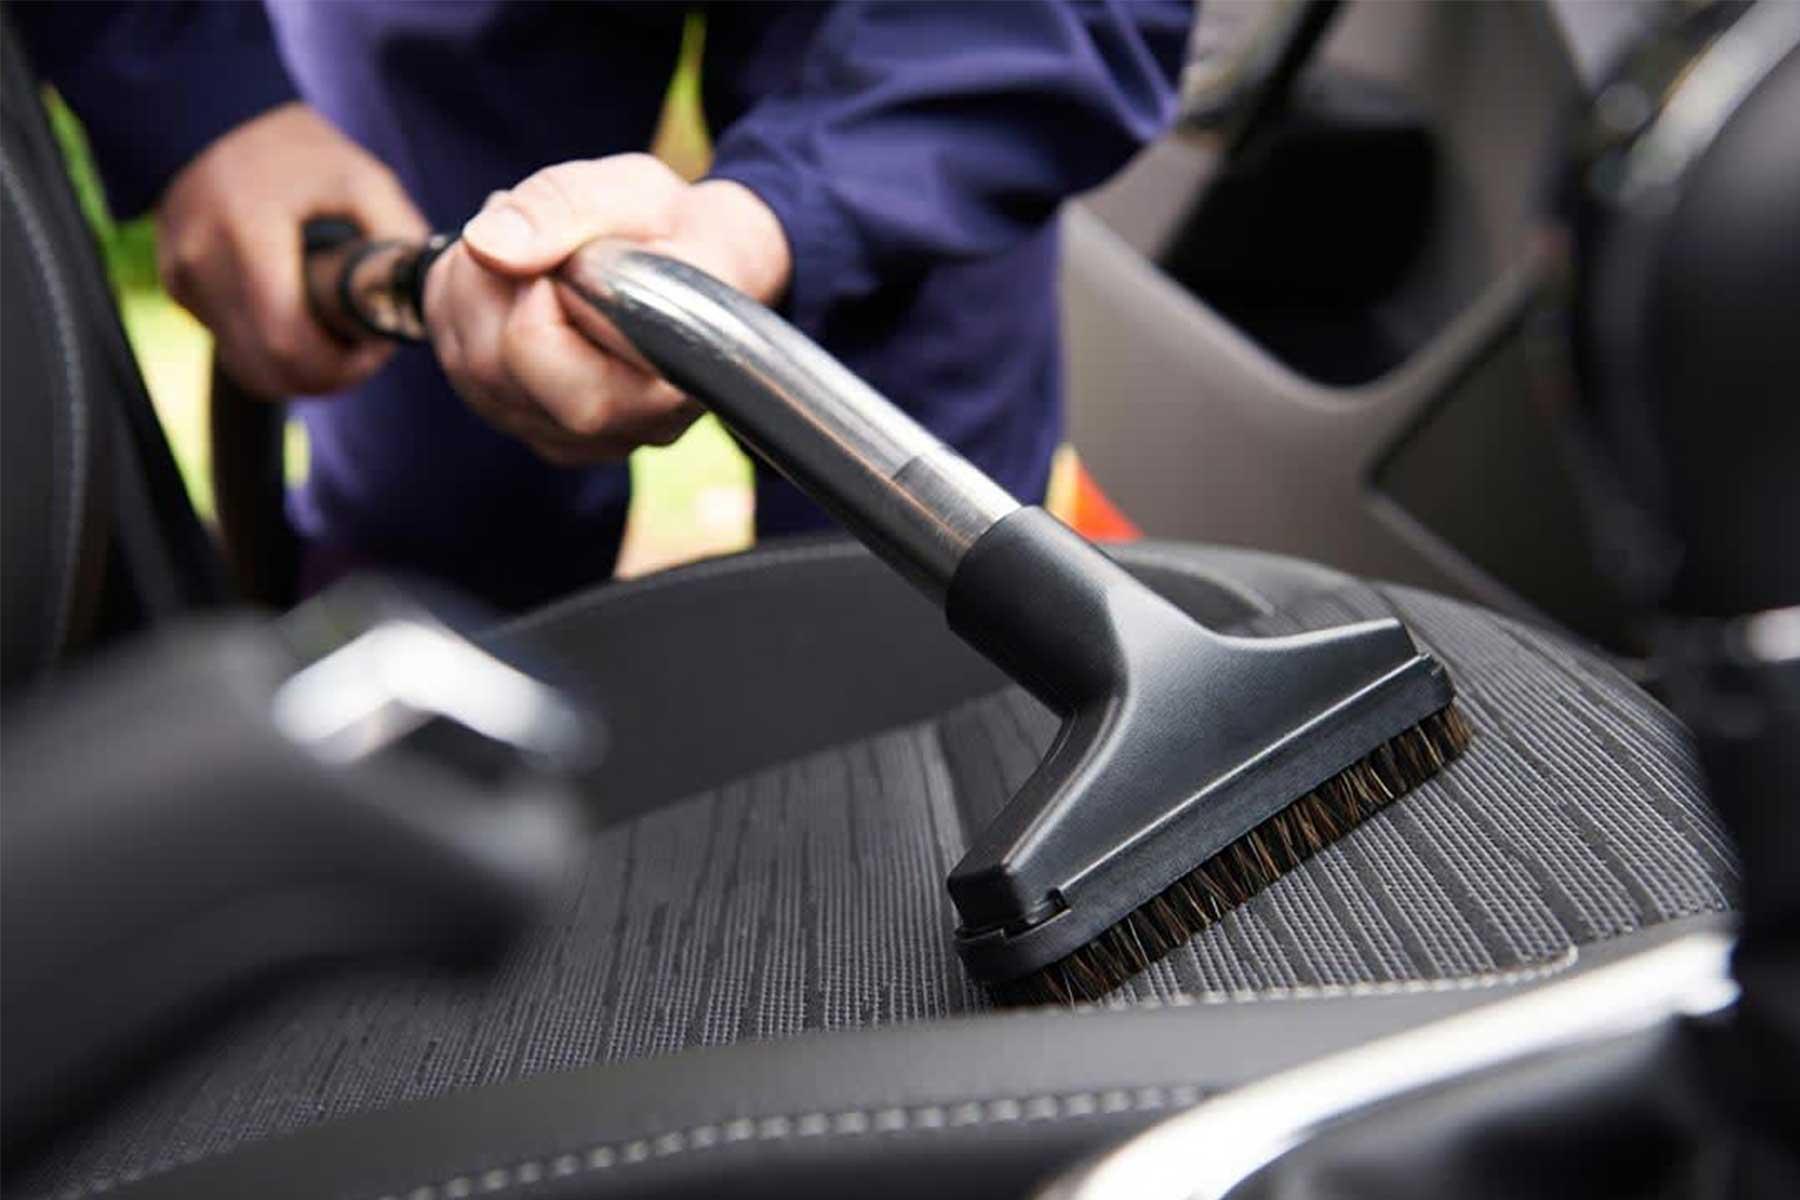 Πώς να καθαρίσετε το αυτοκίνητό σας στην εποχή του κορονοϊού